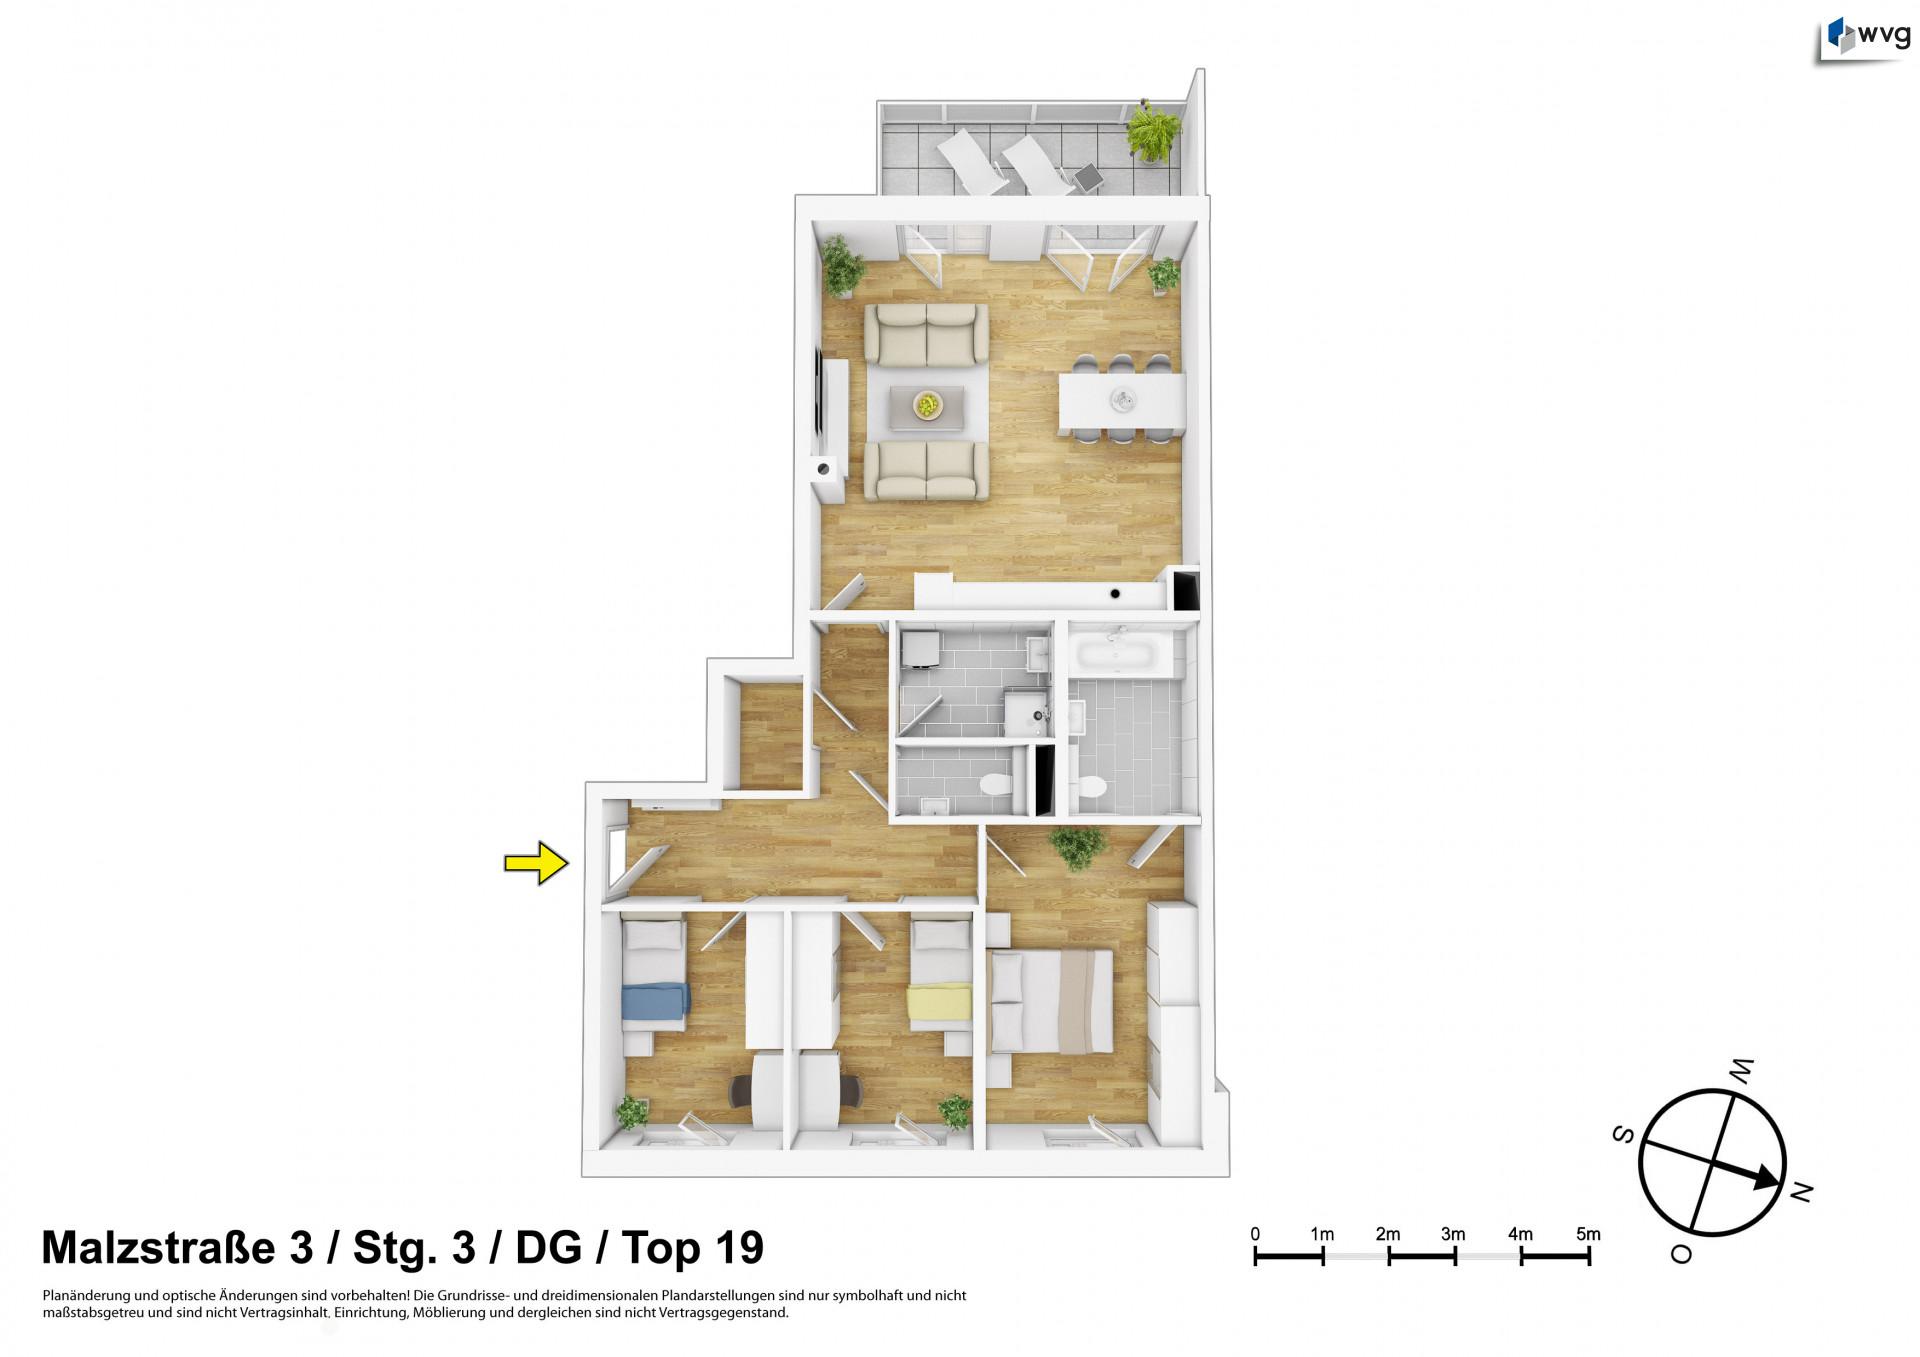 1 zimmer wohnung kauf nieder sterreich eigentumswohnung. Black Bedroom Furniture Sets. Home Design Ideas